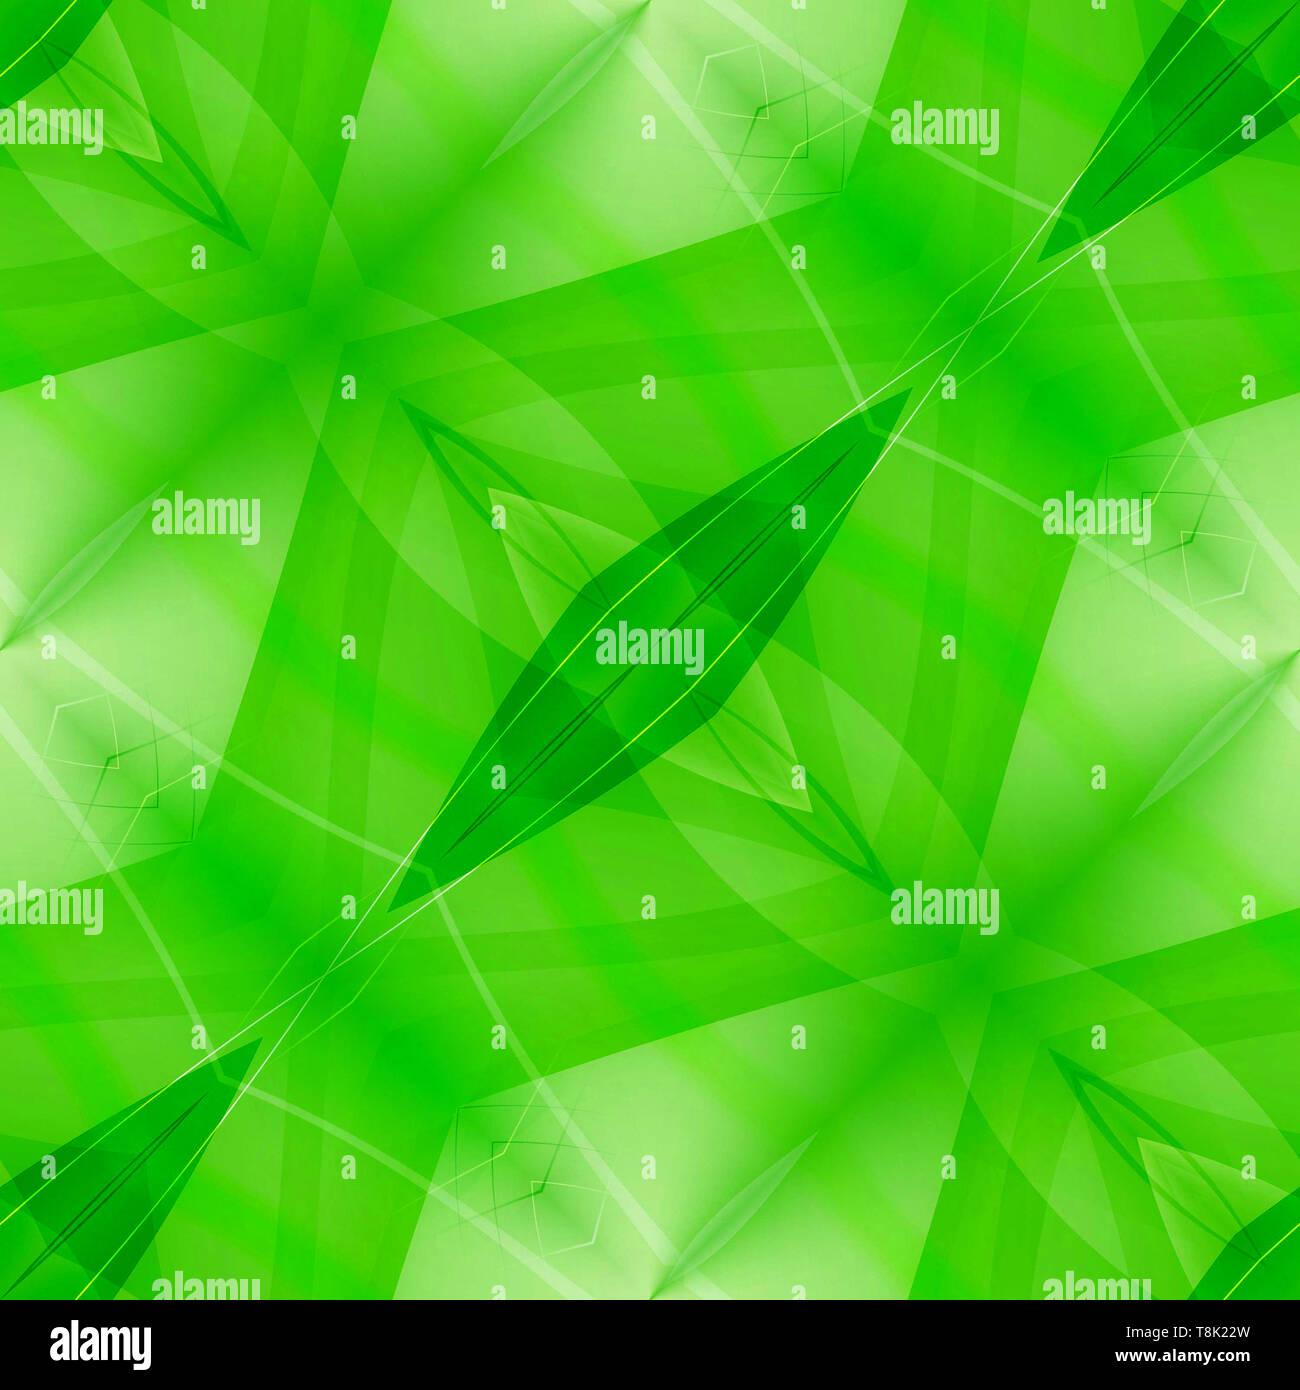 Résumé fond vert transparent Banque D'Images